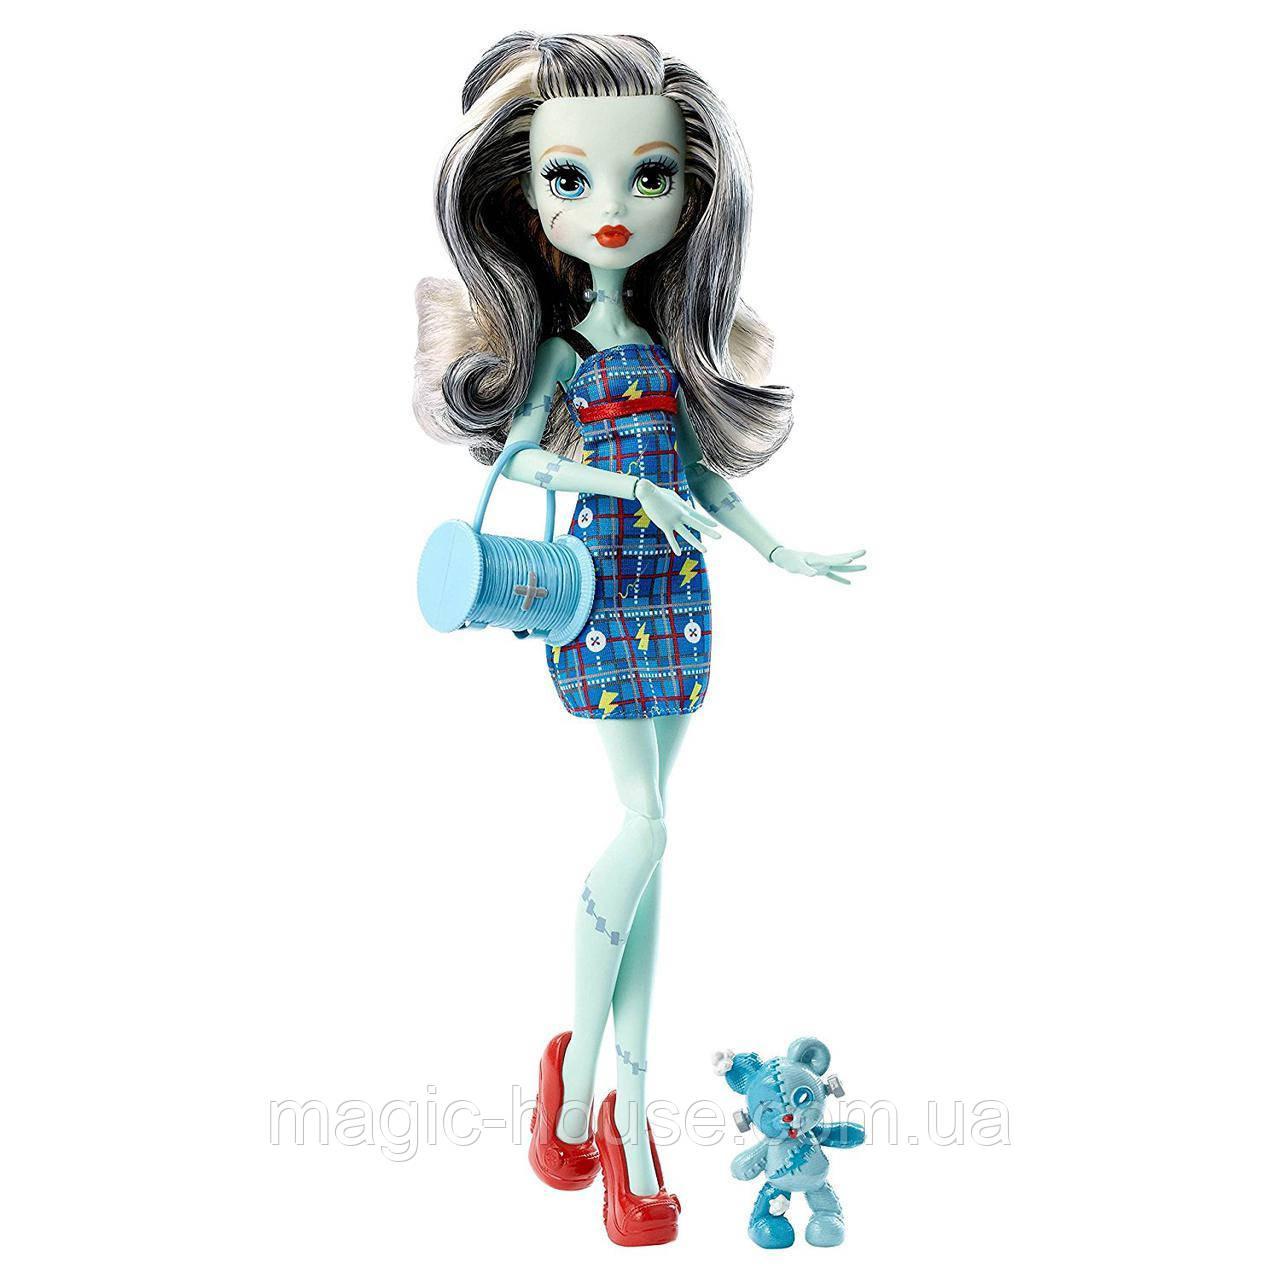 Лялька Френкі Штейн з вихованцем Ghoul's Beast Pet Frankie Stein